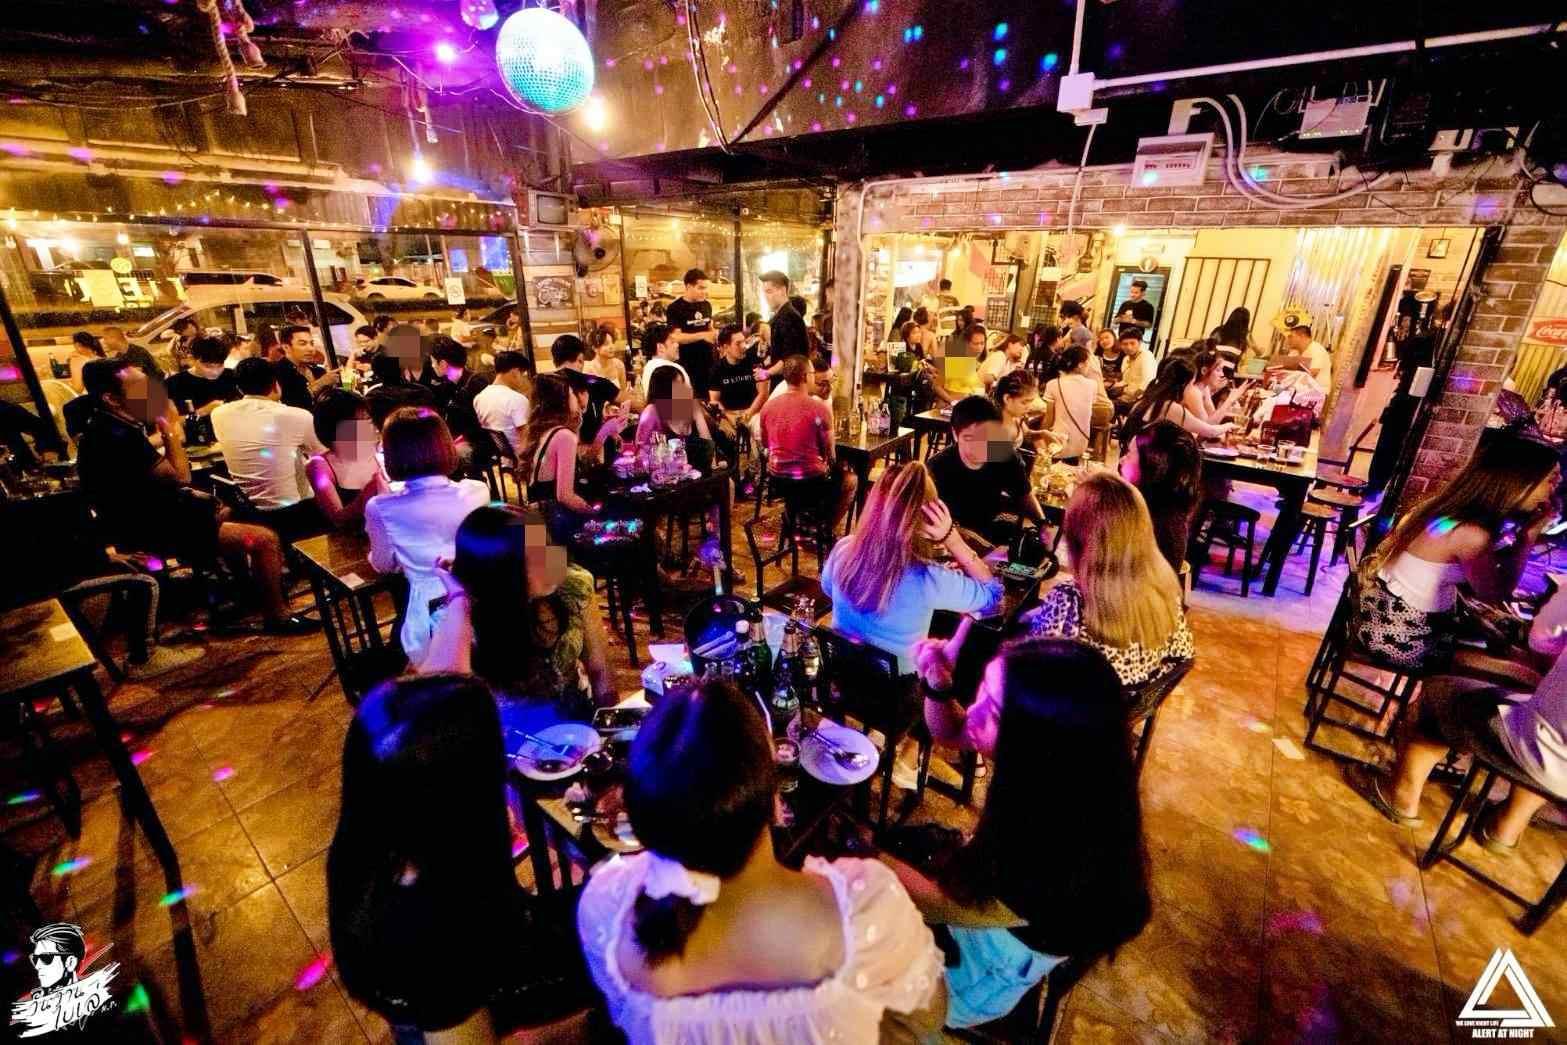 ภาพเซ้ง‼️ ร้านอาหาร พหลโยธิน50 ถนนเทพารักษ์ @เขตบางเขน กทม